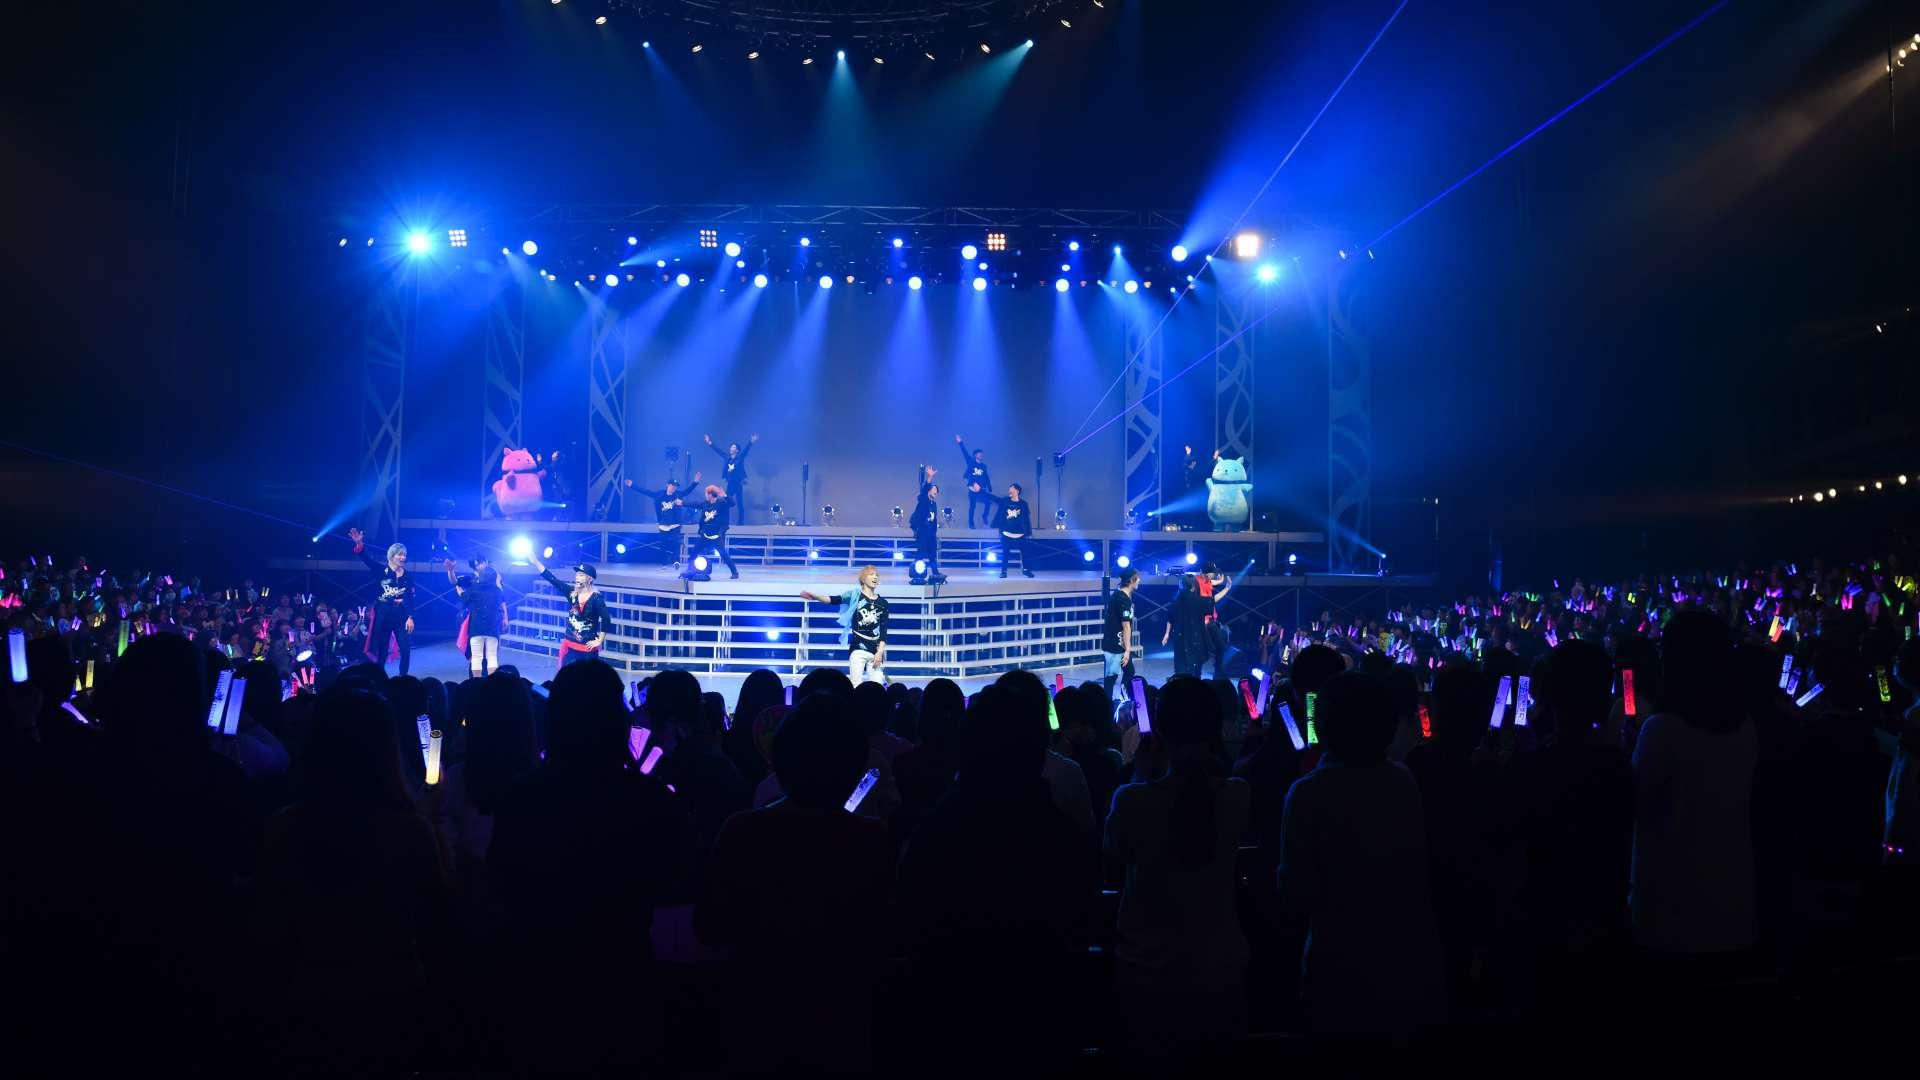 2.5次元ダンスライブ「SQ」ステージ BLAZING & FREEZING 昼公演